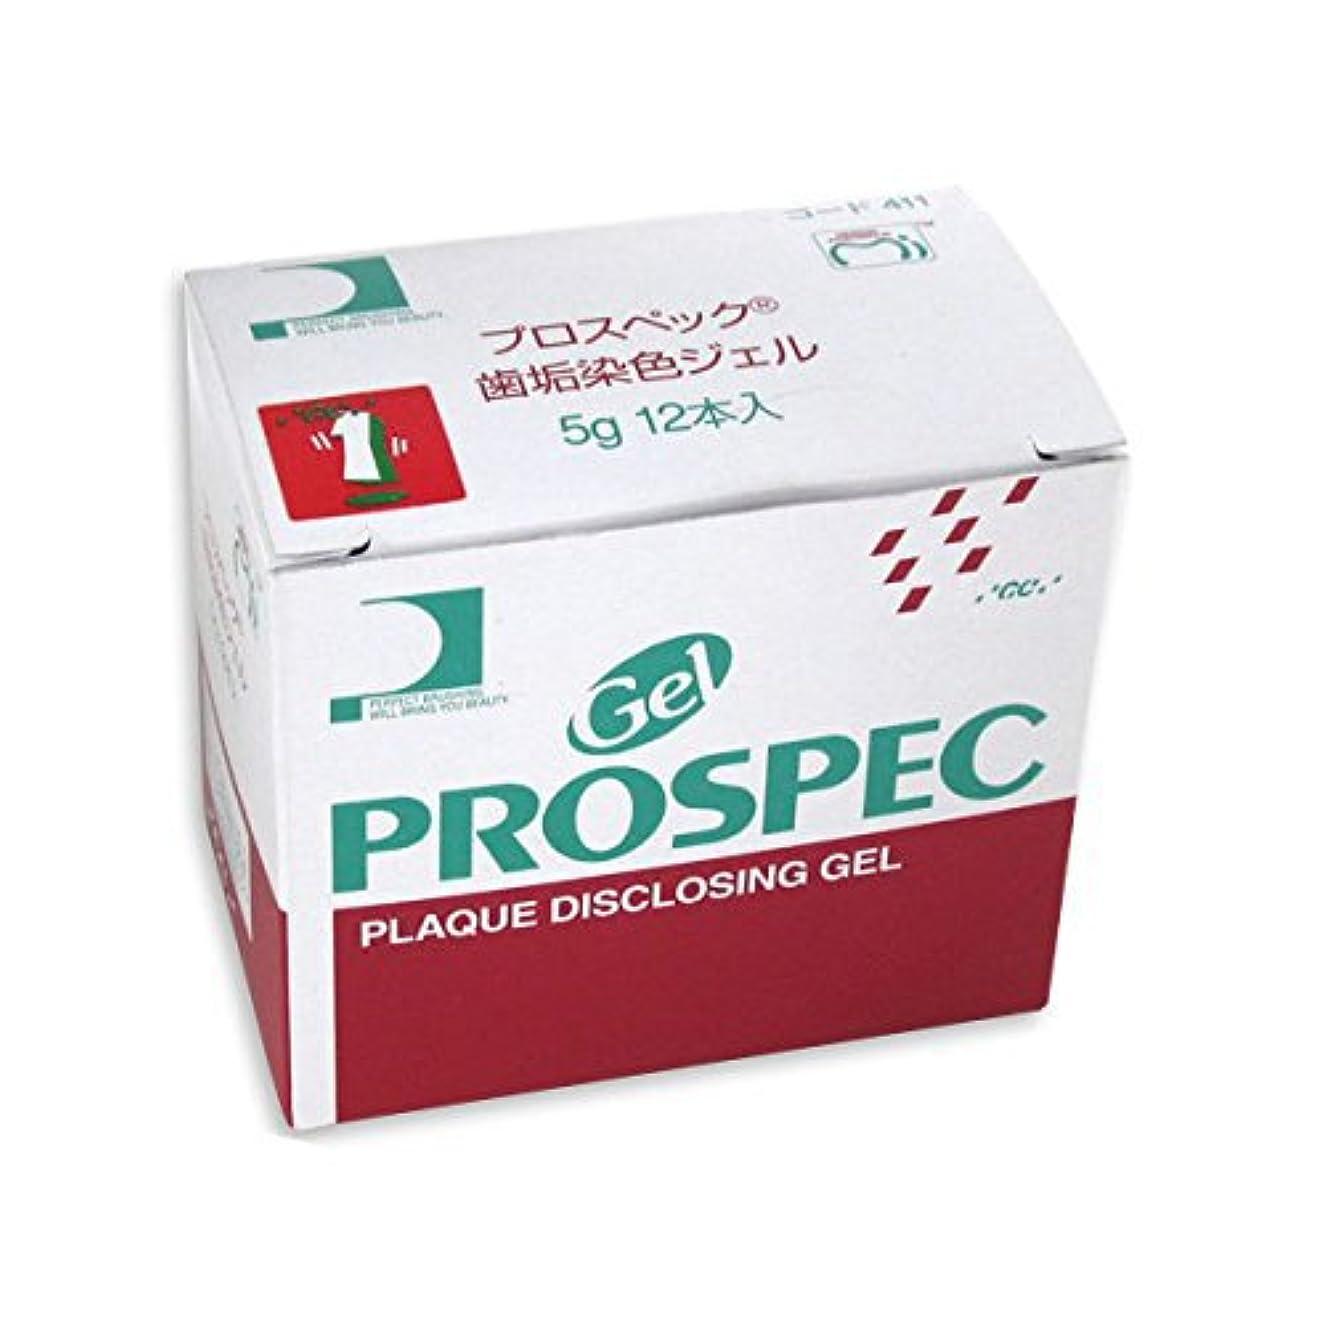 穏やかな舗装するブリークプロスペック ジーシー プロスペック 歯垢染色ジェル 5g×12個単品